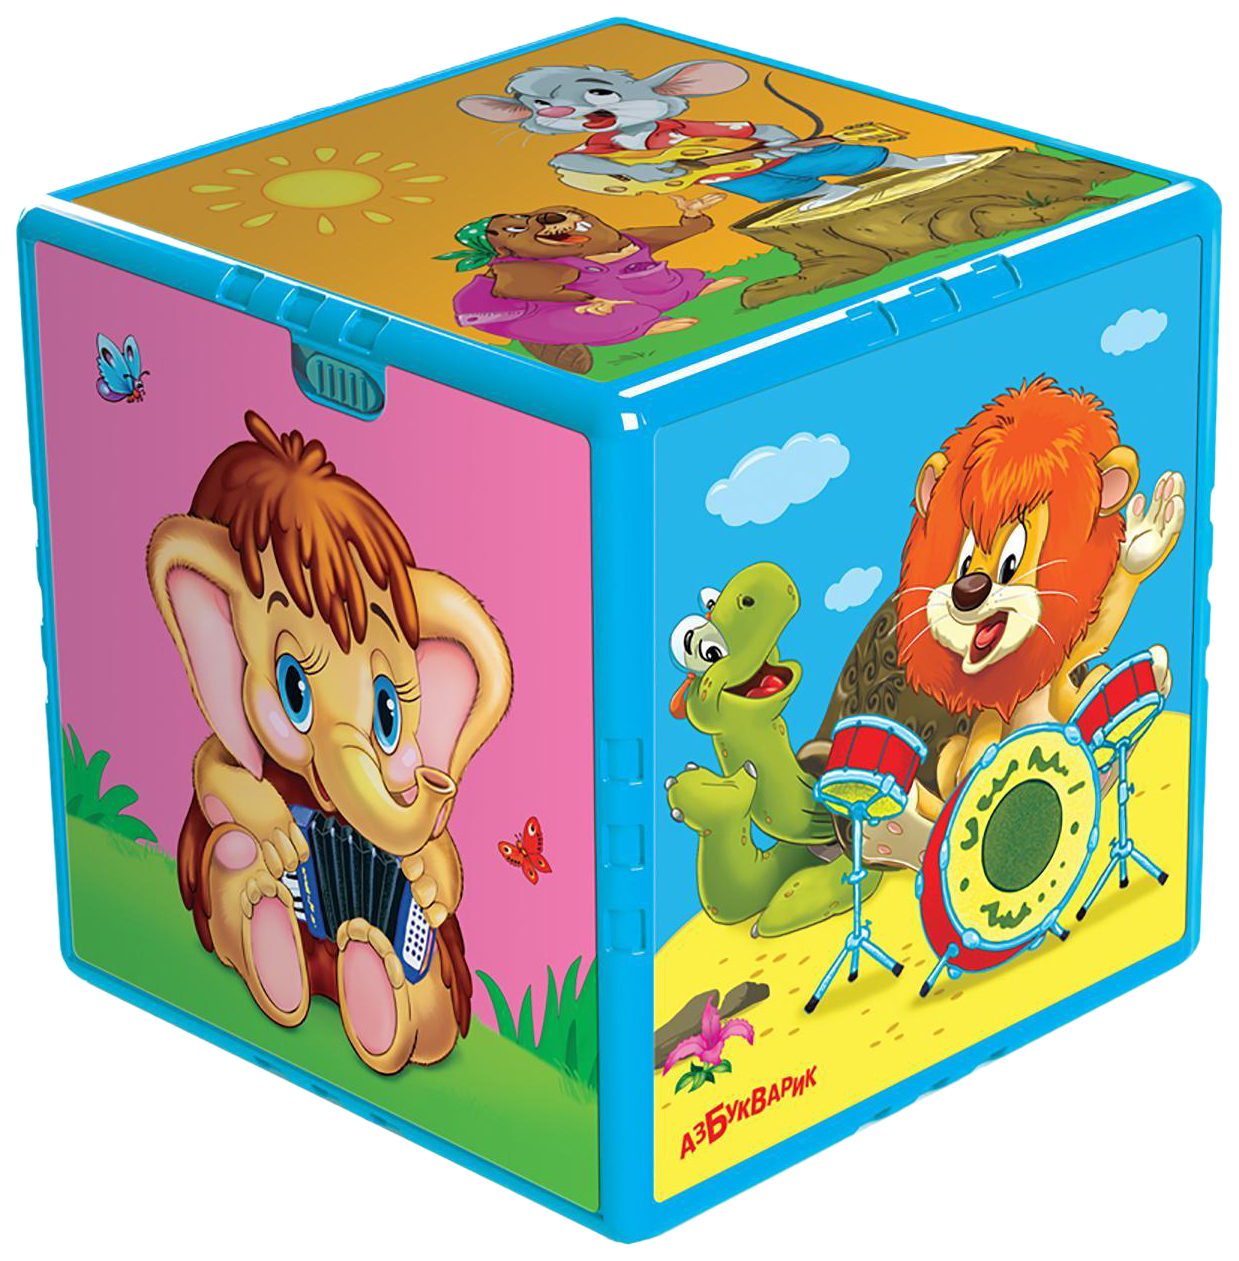 Купить Развивающая игрушка Азбукварик Говорящий кубик Любимые мультяшки 202-2,